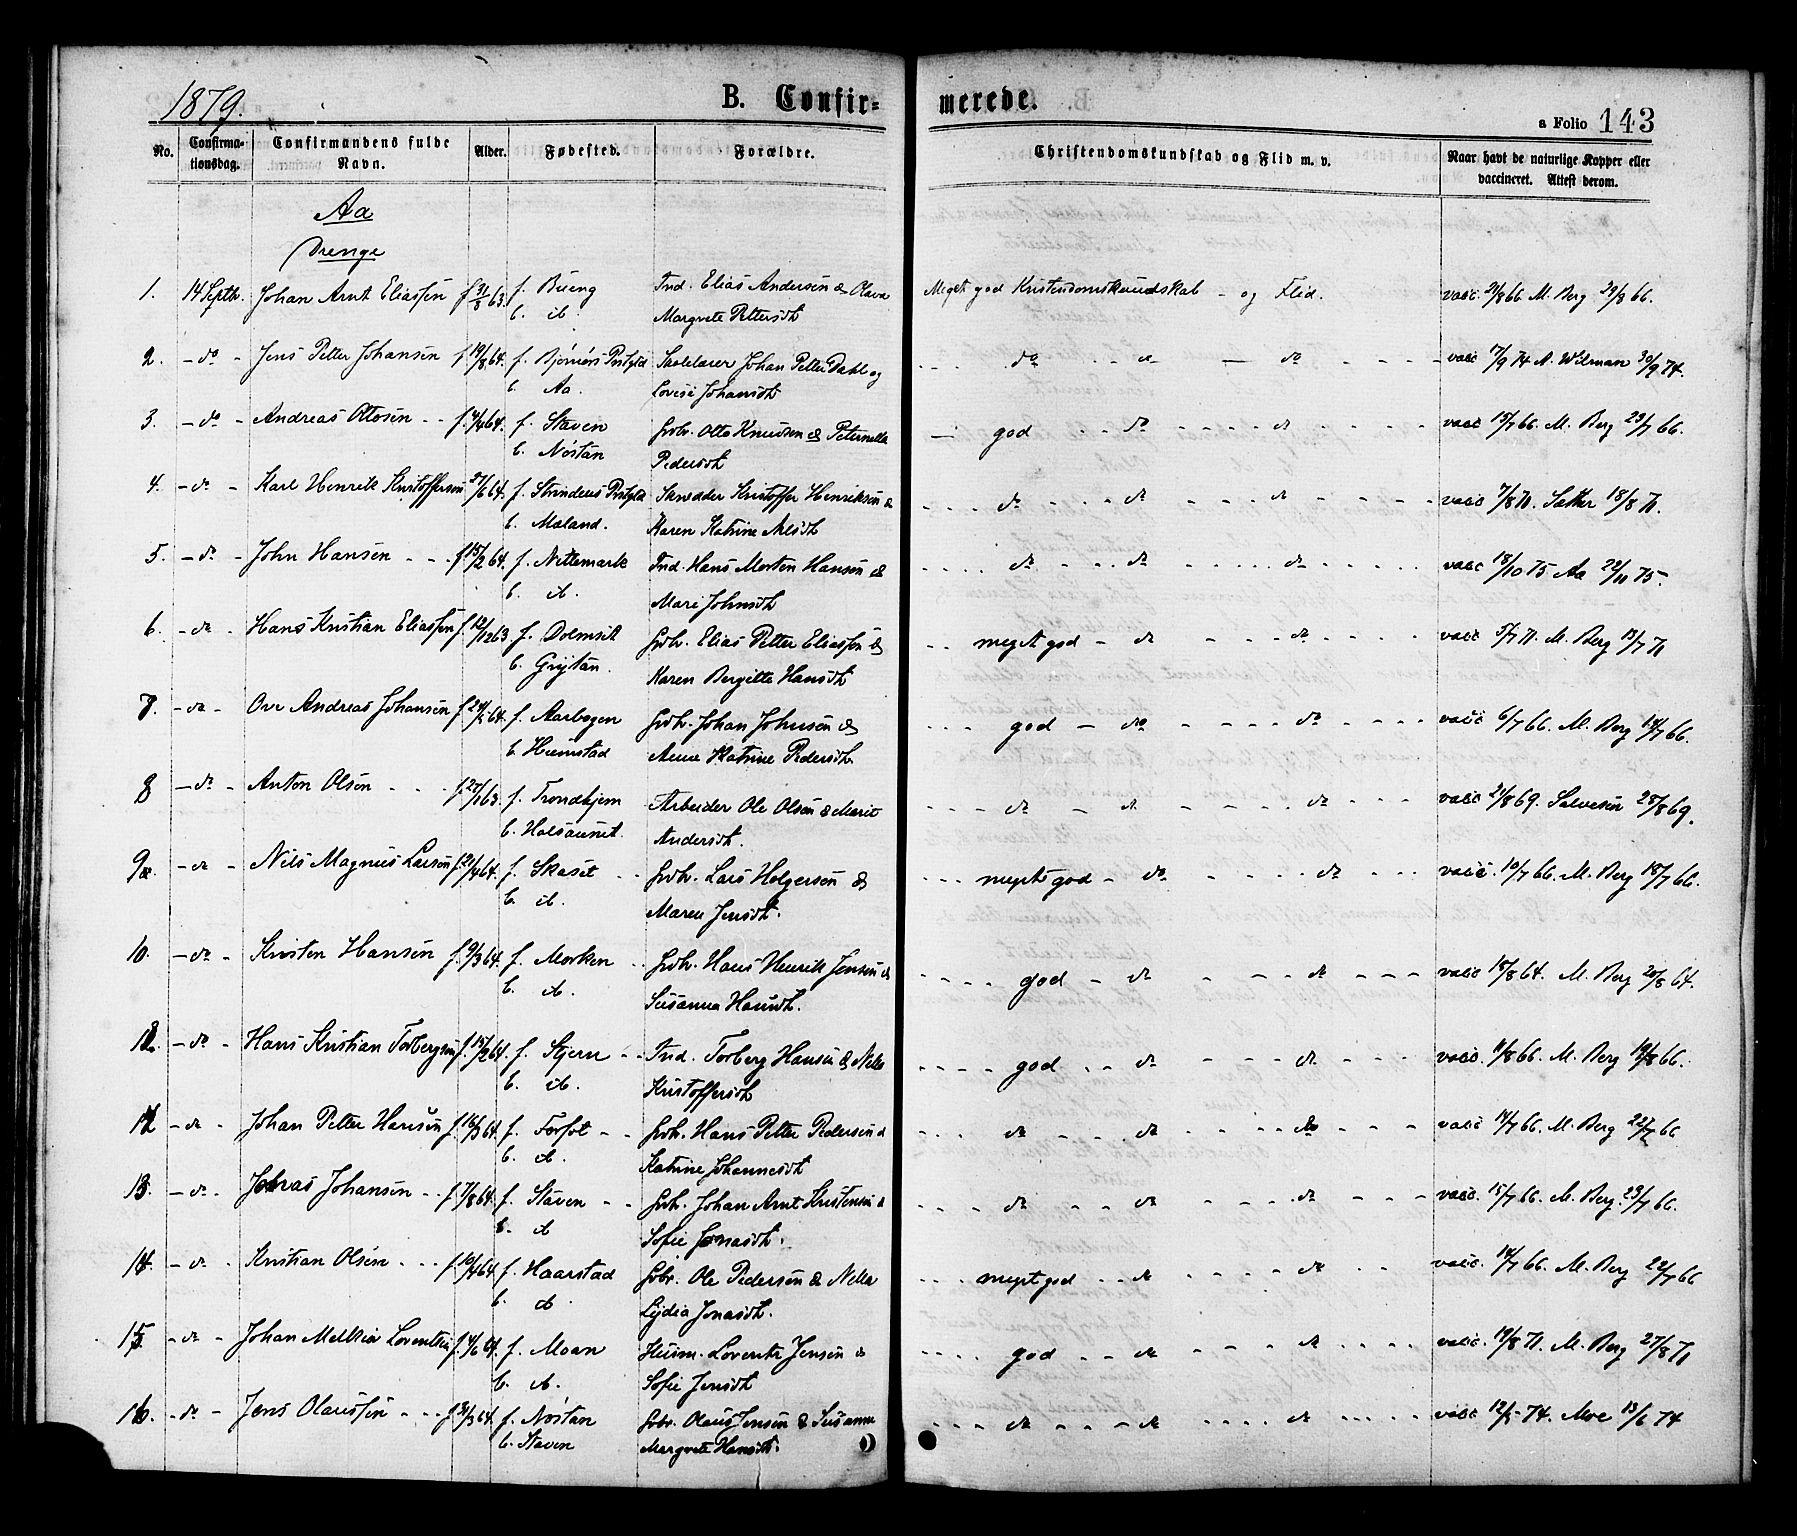 SAT, Ministerialprotokoller, klokkerbøker og fødselsregistre - Sør-Trøndelag, 655/L0679: Ministerialbok nr. 655A08, 1873-1879, s. 143